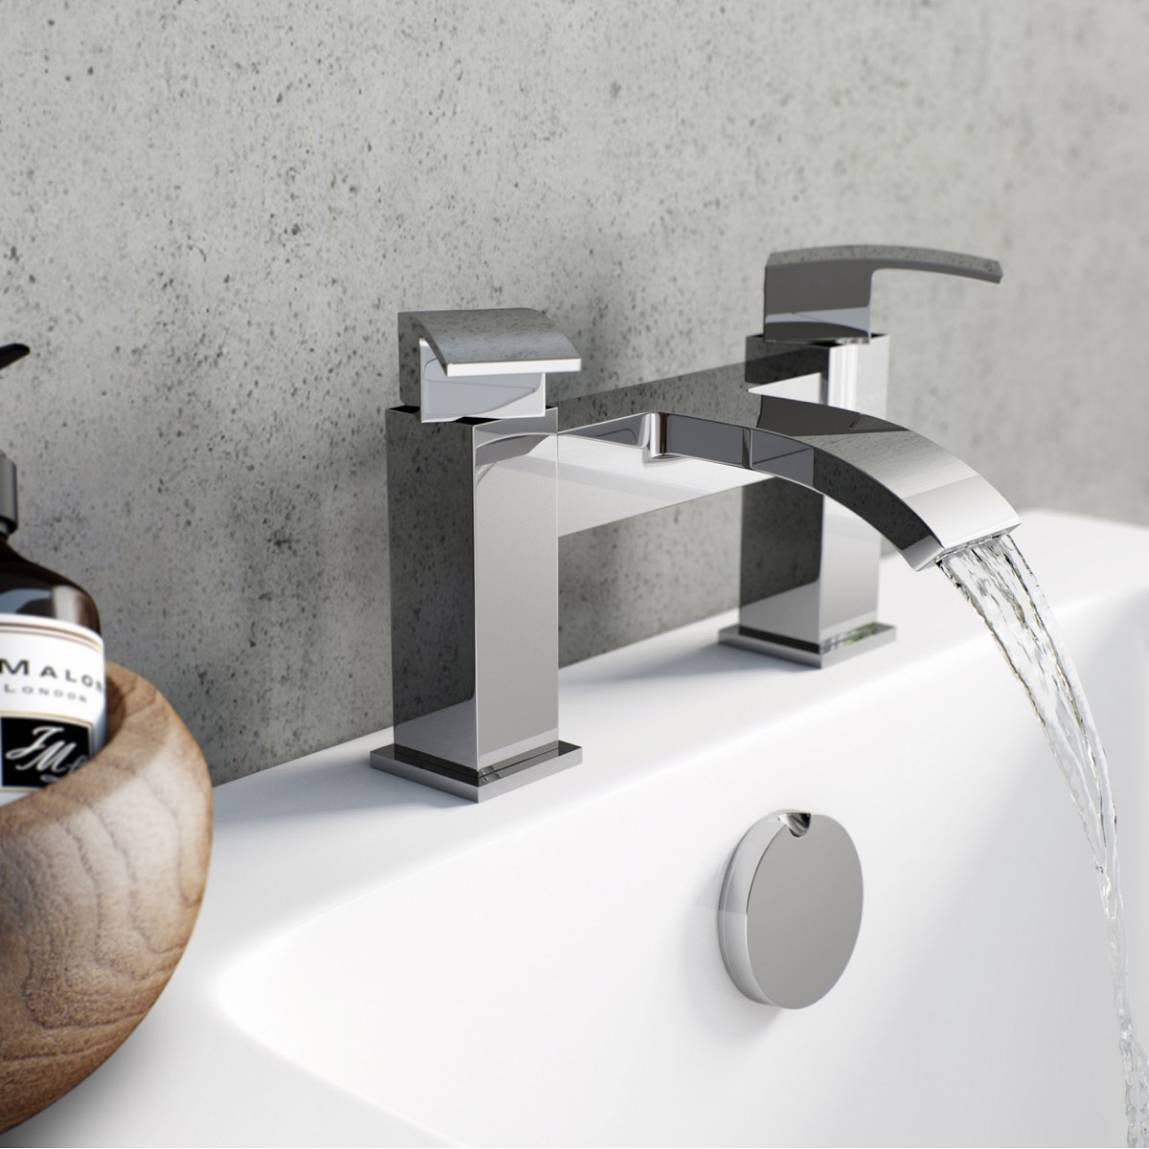 Wye Bath Mixer